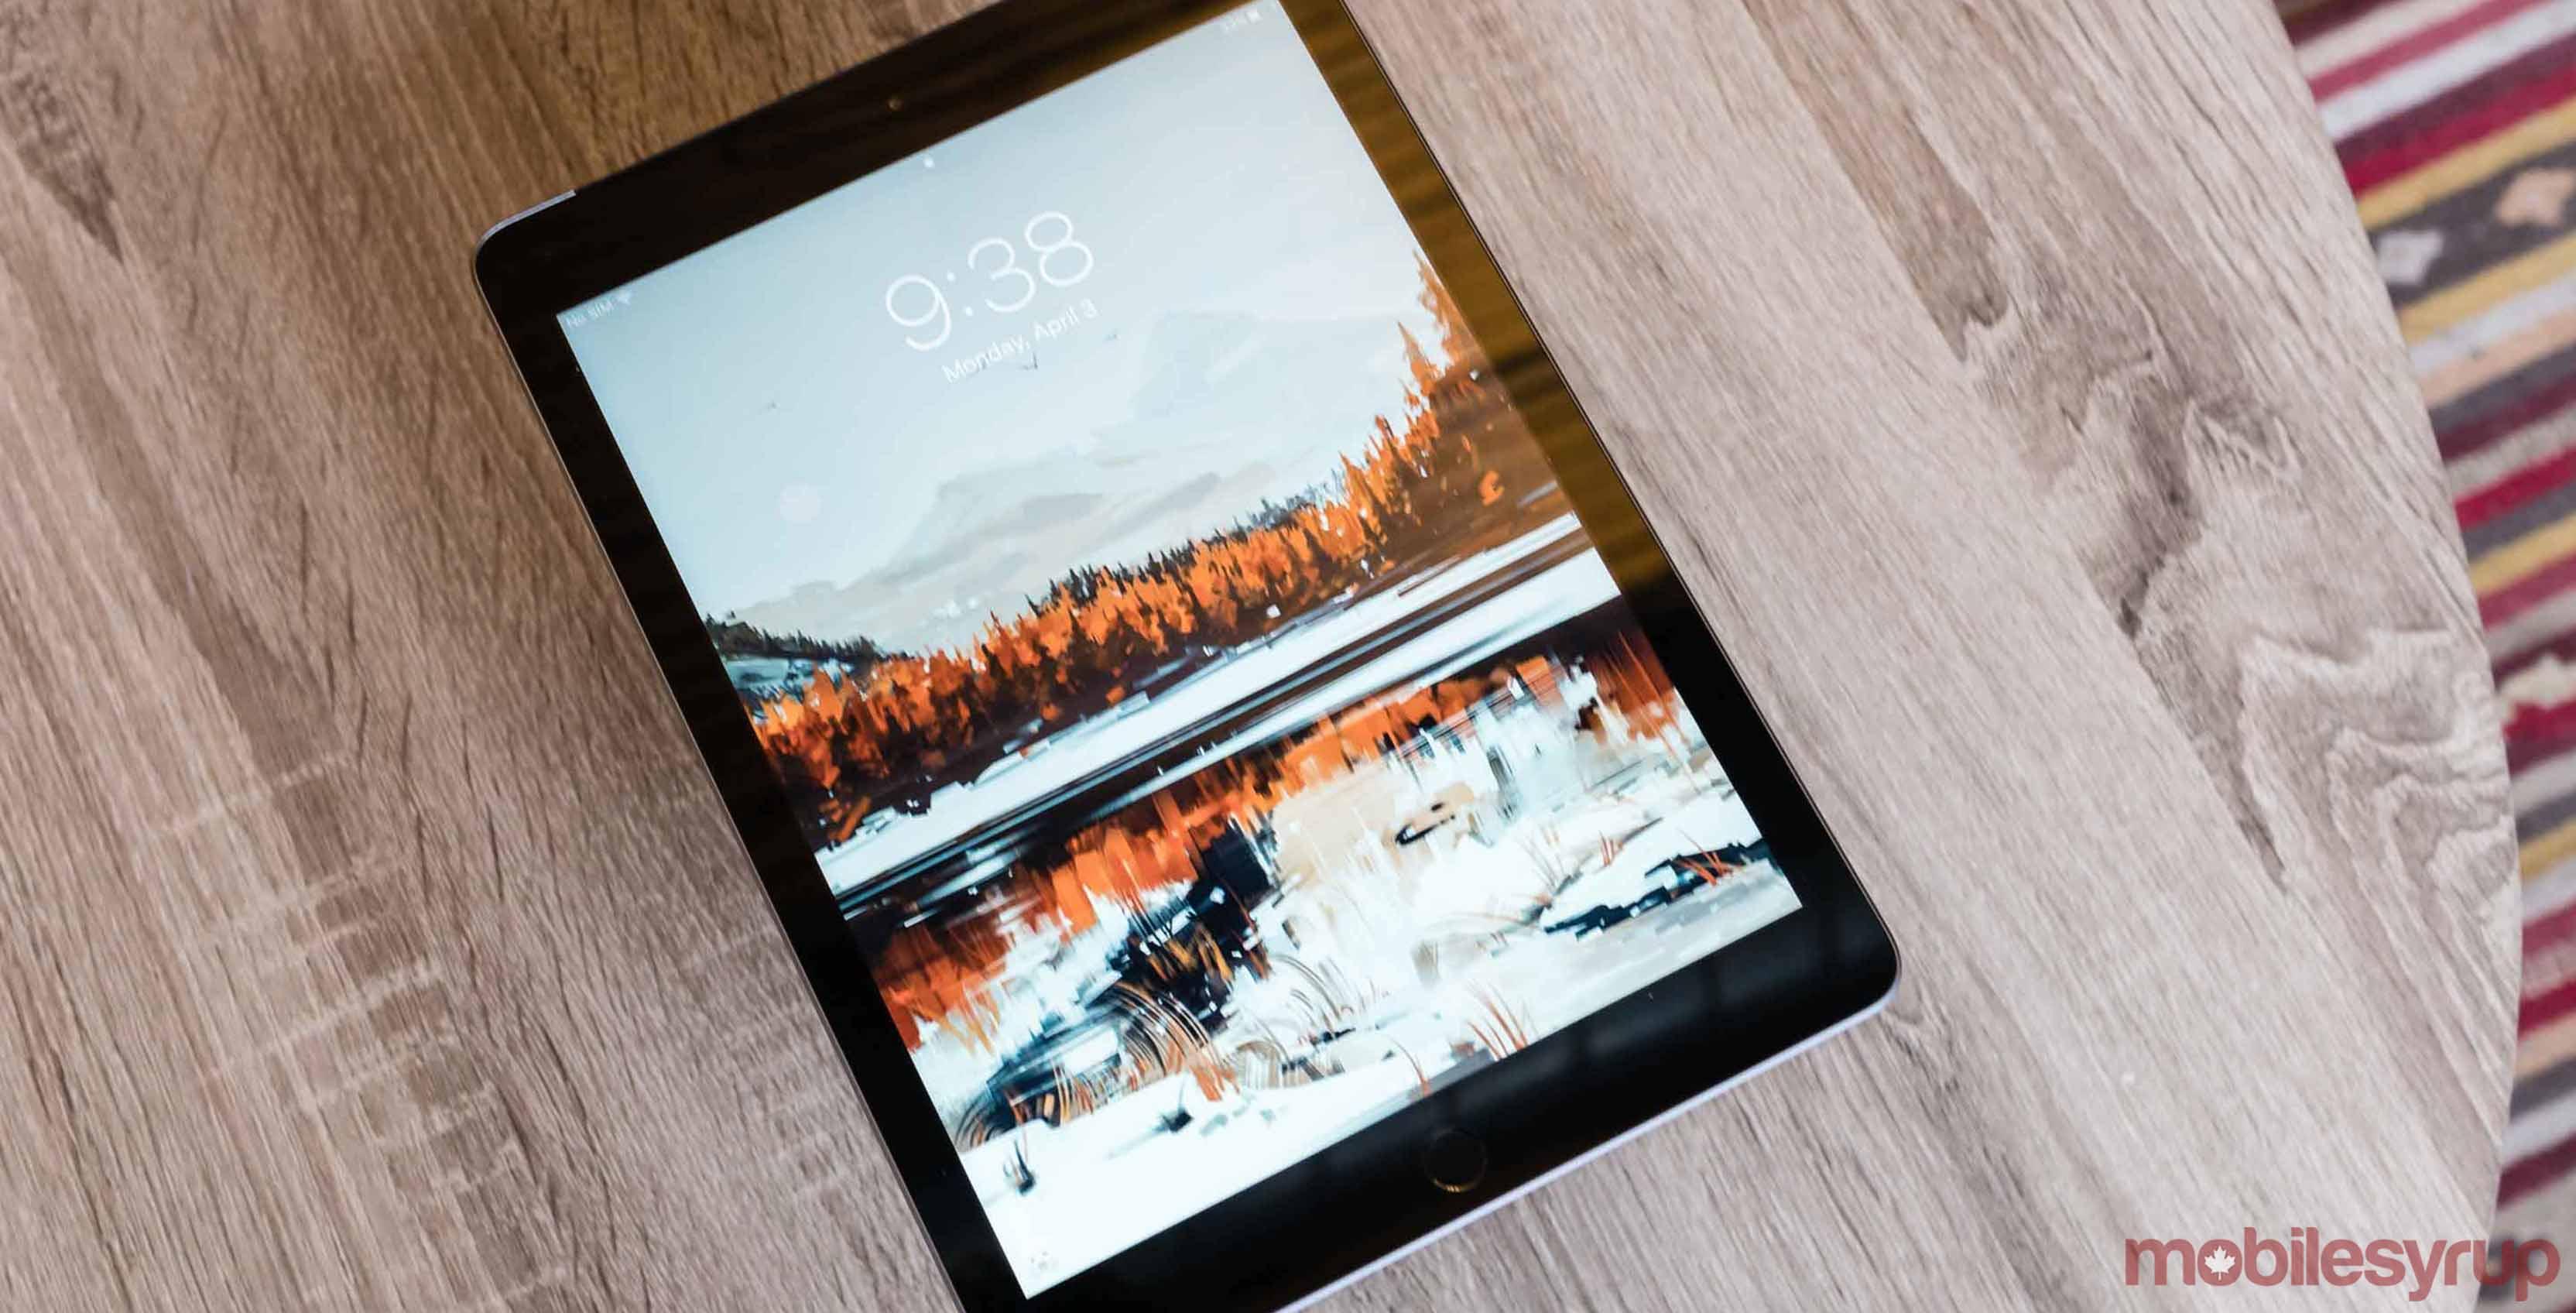 2017 iPad 9.7-inch header